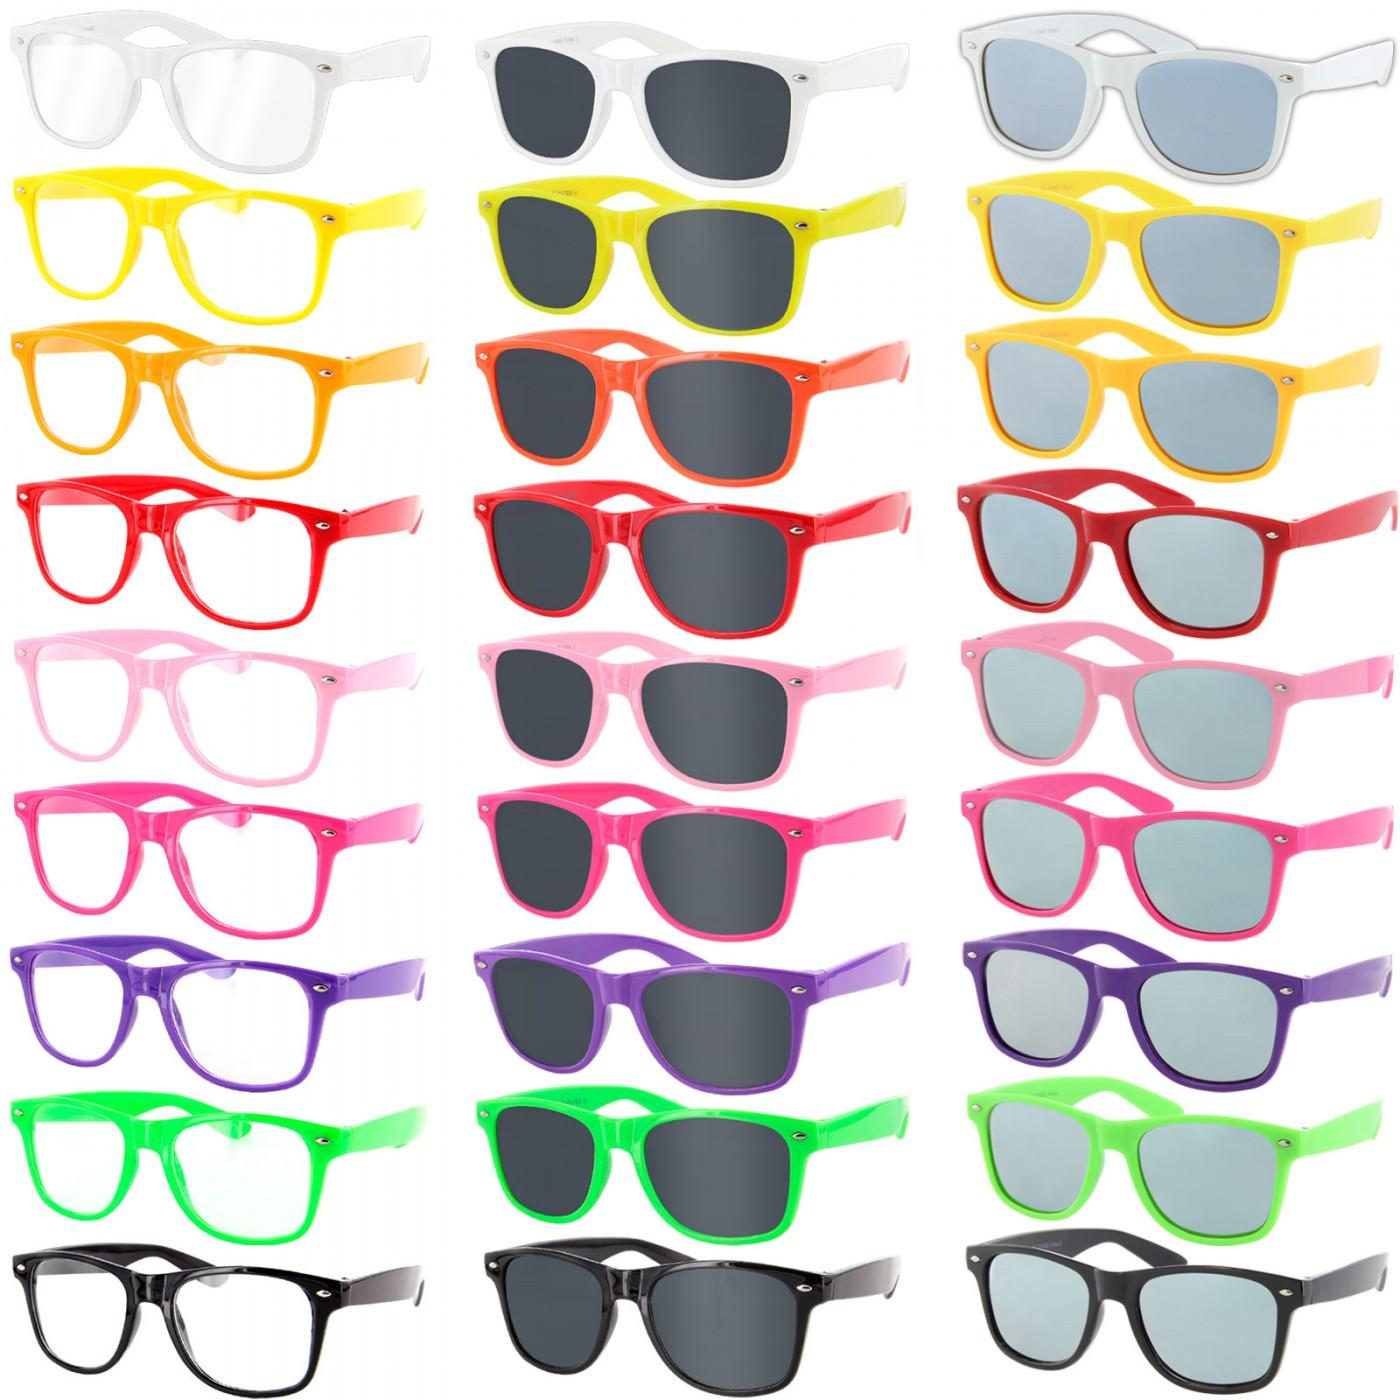 Retro Nerdbrille in verschiedenen Farben